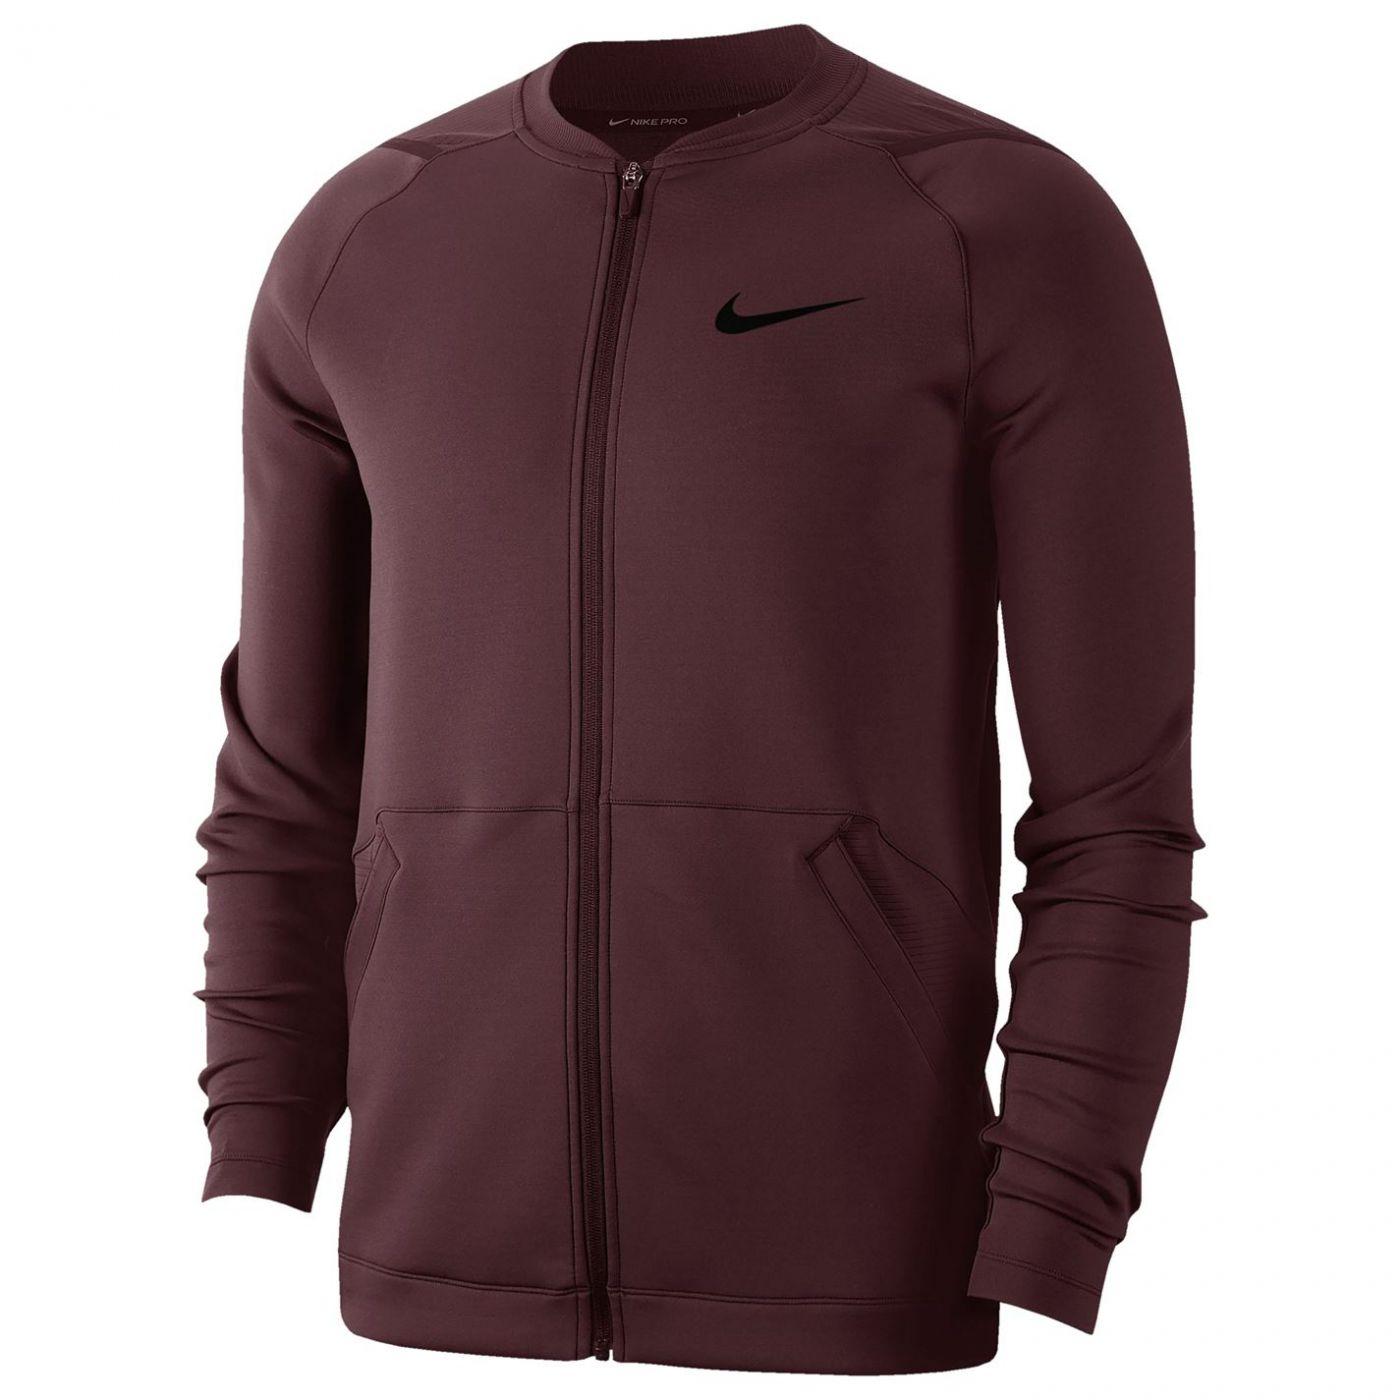 Nike NPC Zip Jacket Mens